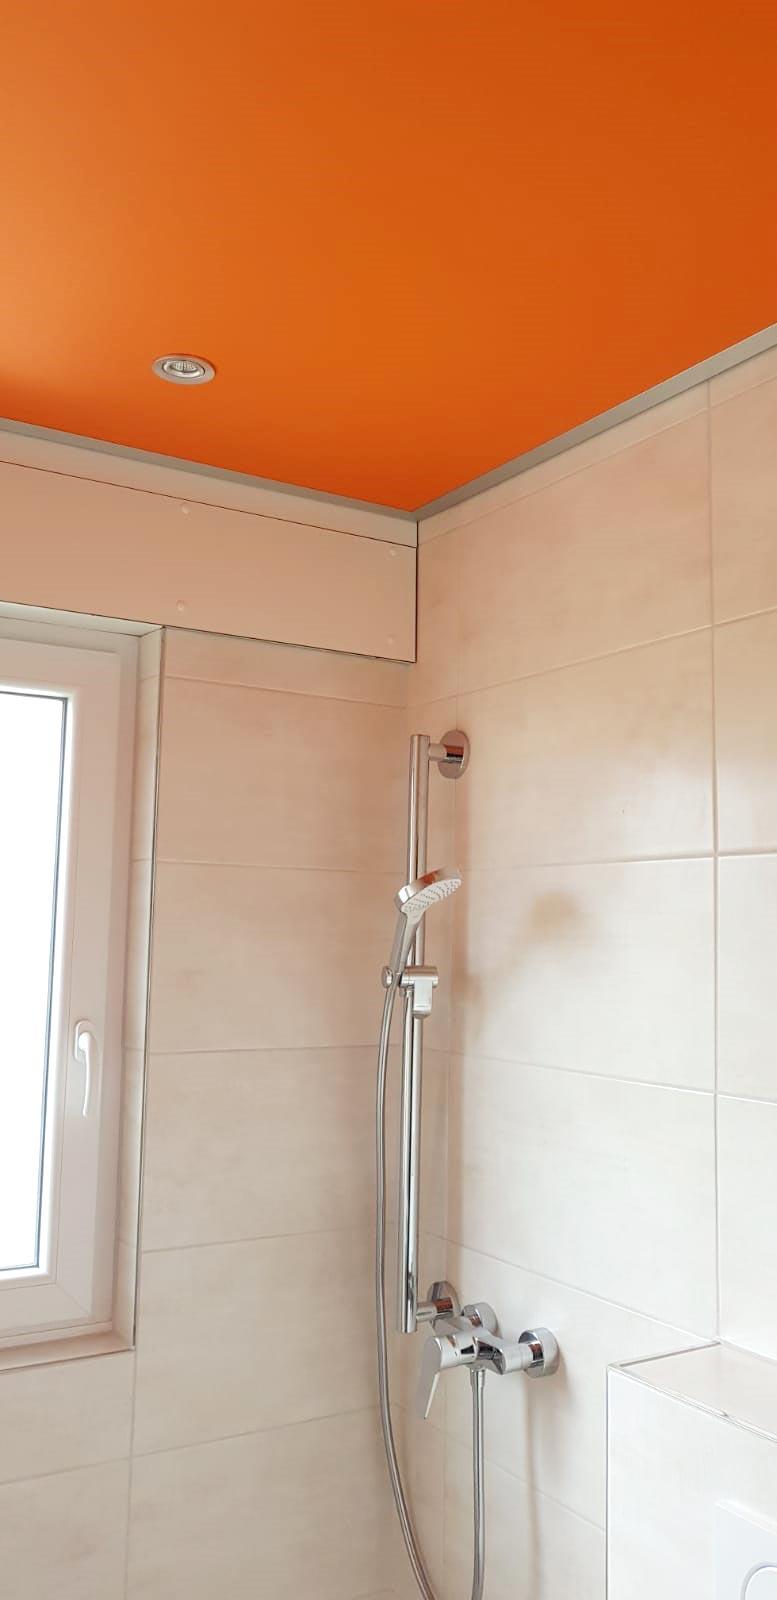 PLAMECO Decke Badezimmerdecke Orange - Spanndecken